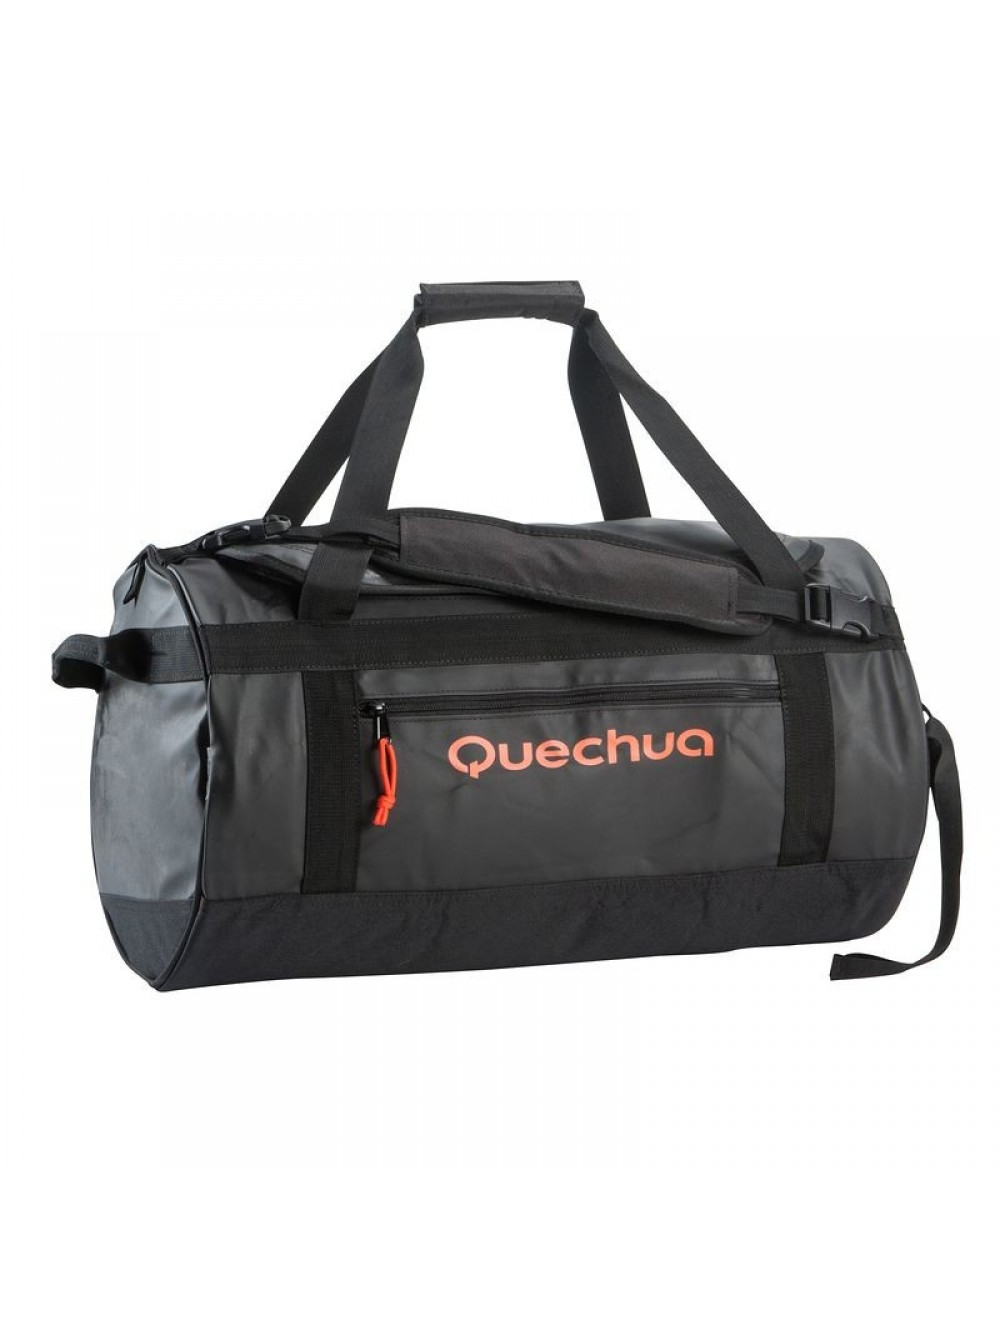 e55dfe8931ff Купить сумку рюкзак Киев - Мужские сумки рюкзаки - Сумки для поездок